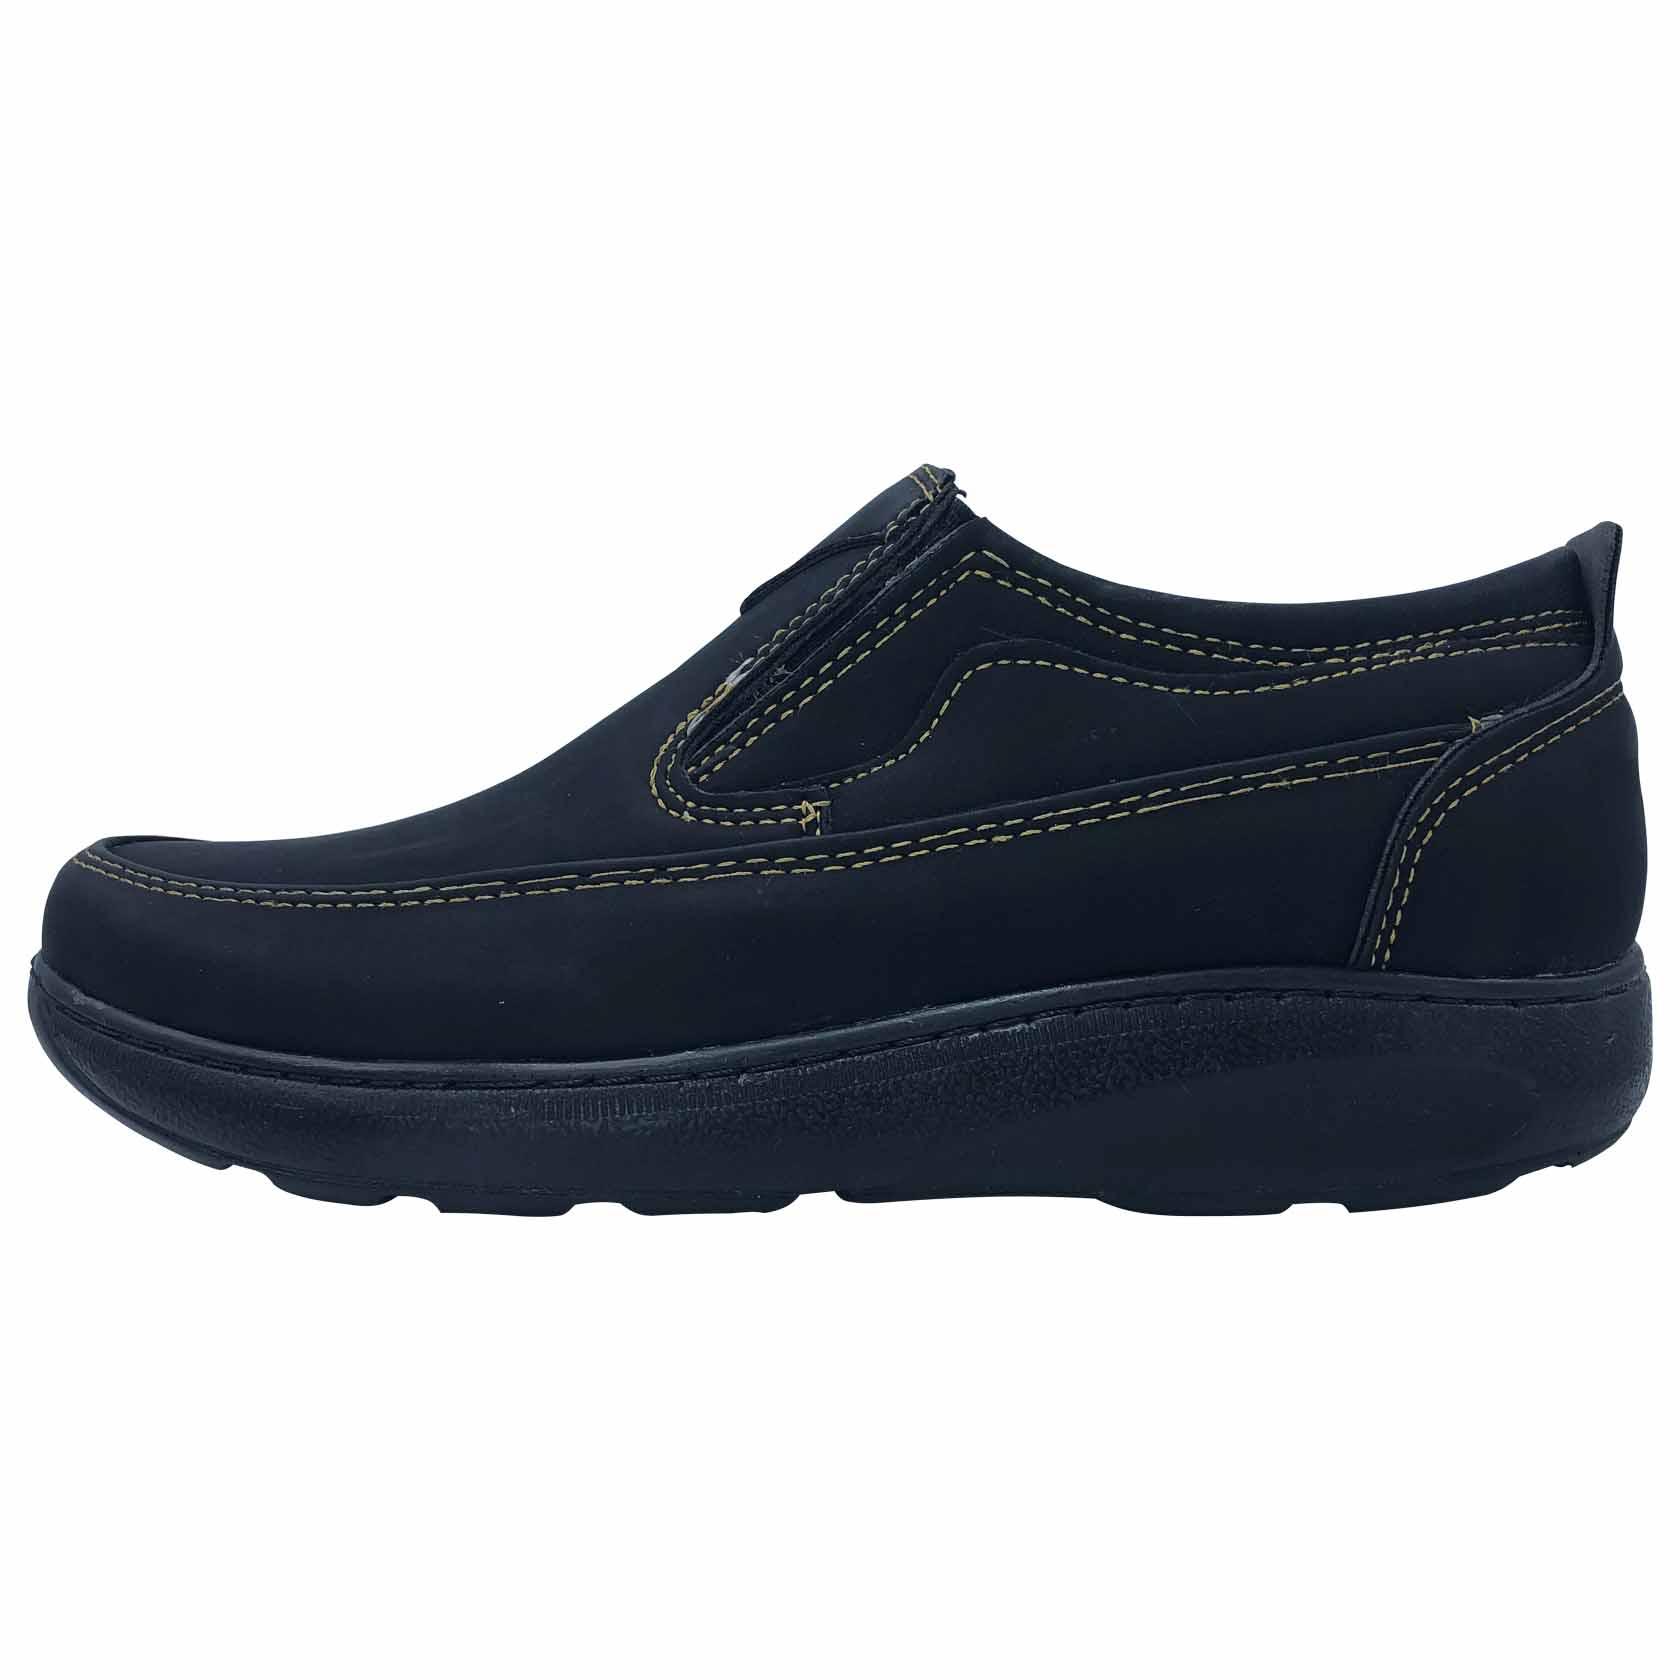 کفش روزمره مردانه کد es 212